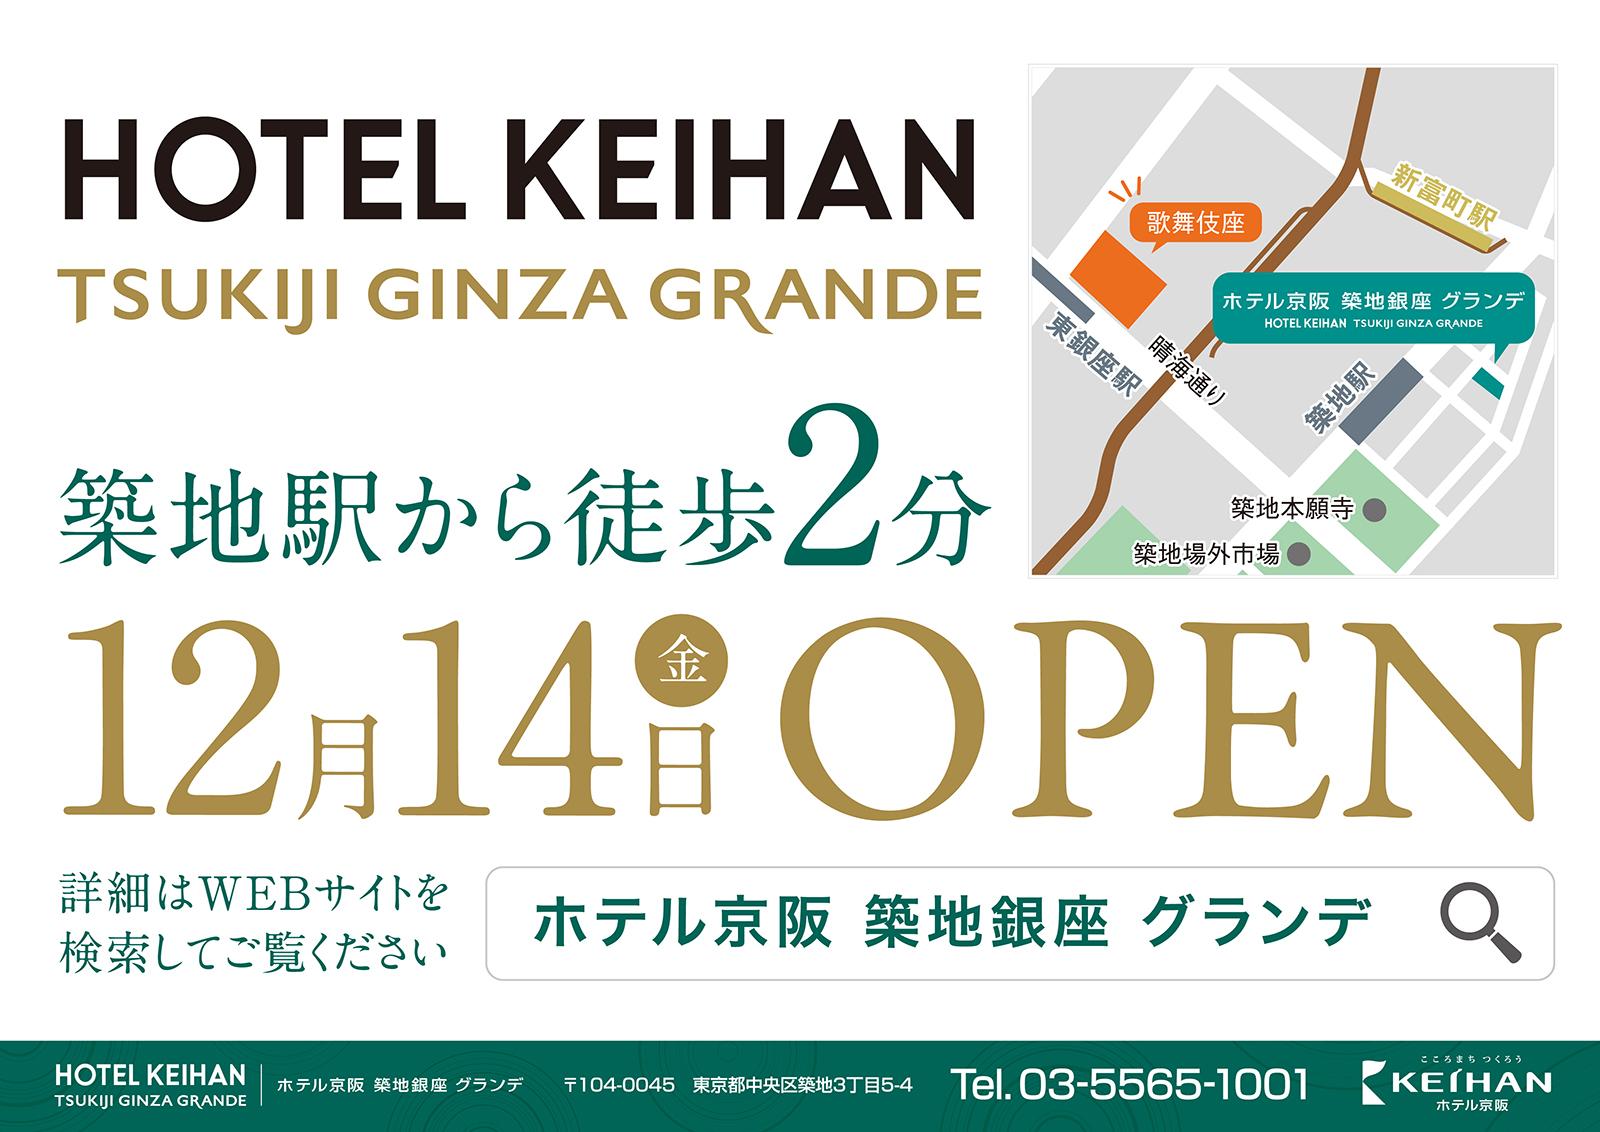 ホテル京阪 築地銀座 グランデ ポスター05